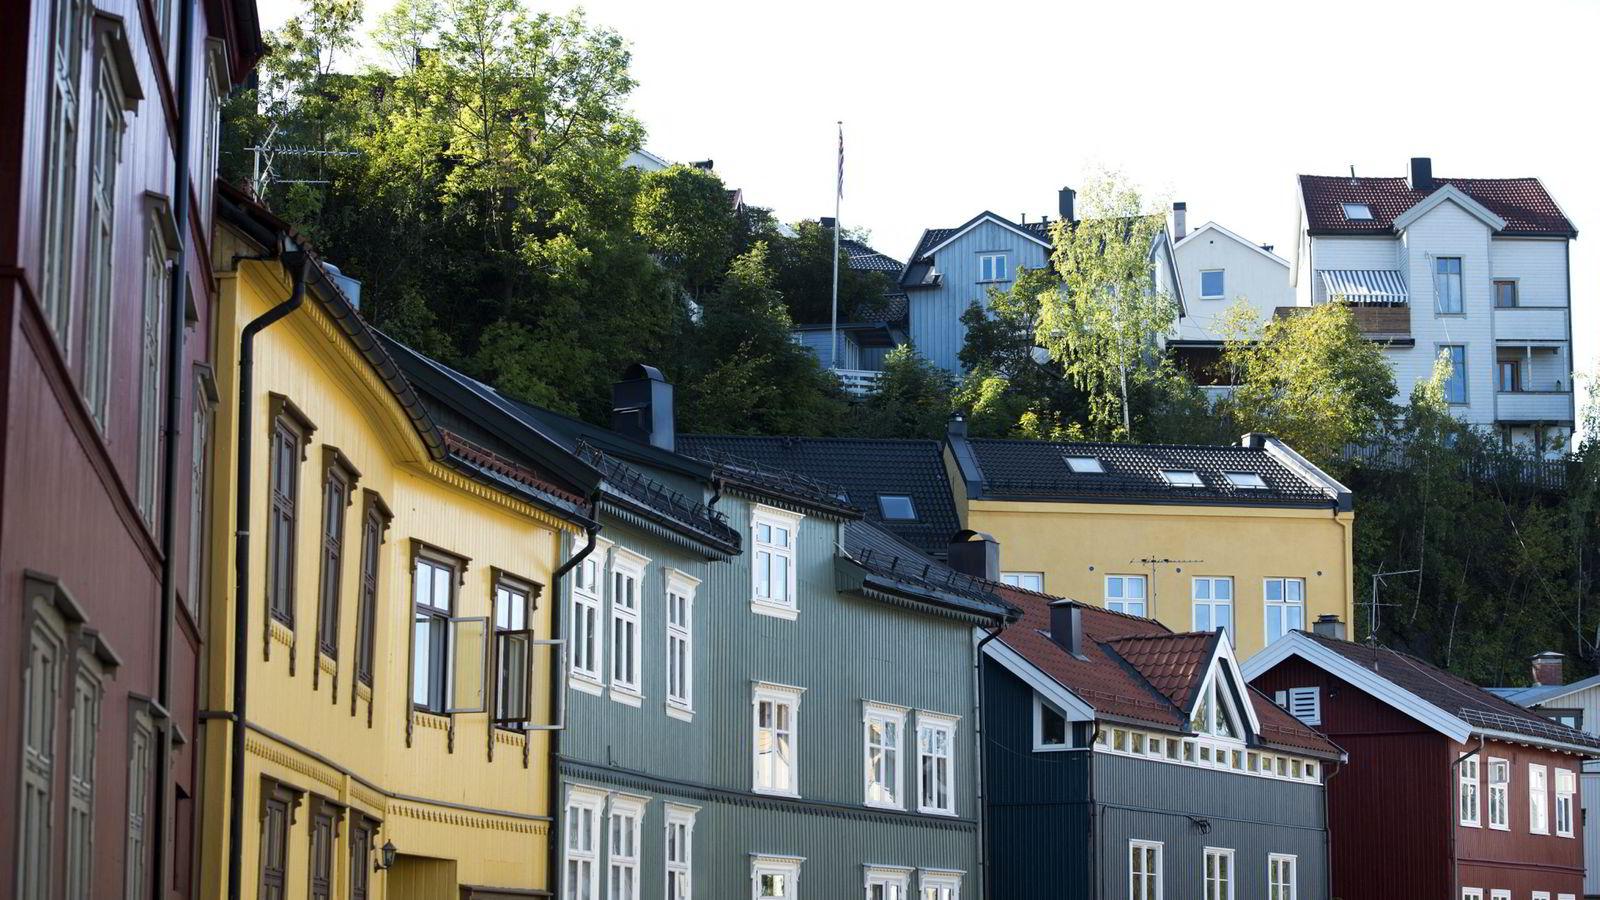 - Det er fremdeles press i markedet i deler av Oslo med høy aktivitet og rask salgstid. Det norske boligmarkedet er nå preget av stadig større regionale forskjeller, sier administrerende direktør Christian V. Dreyer i  Eiendom Norge.               Arkivfoto fra Gamlebyen i Oslo.